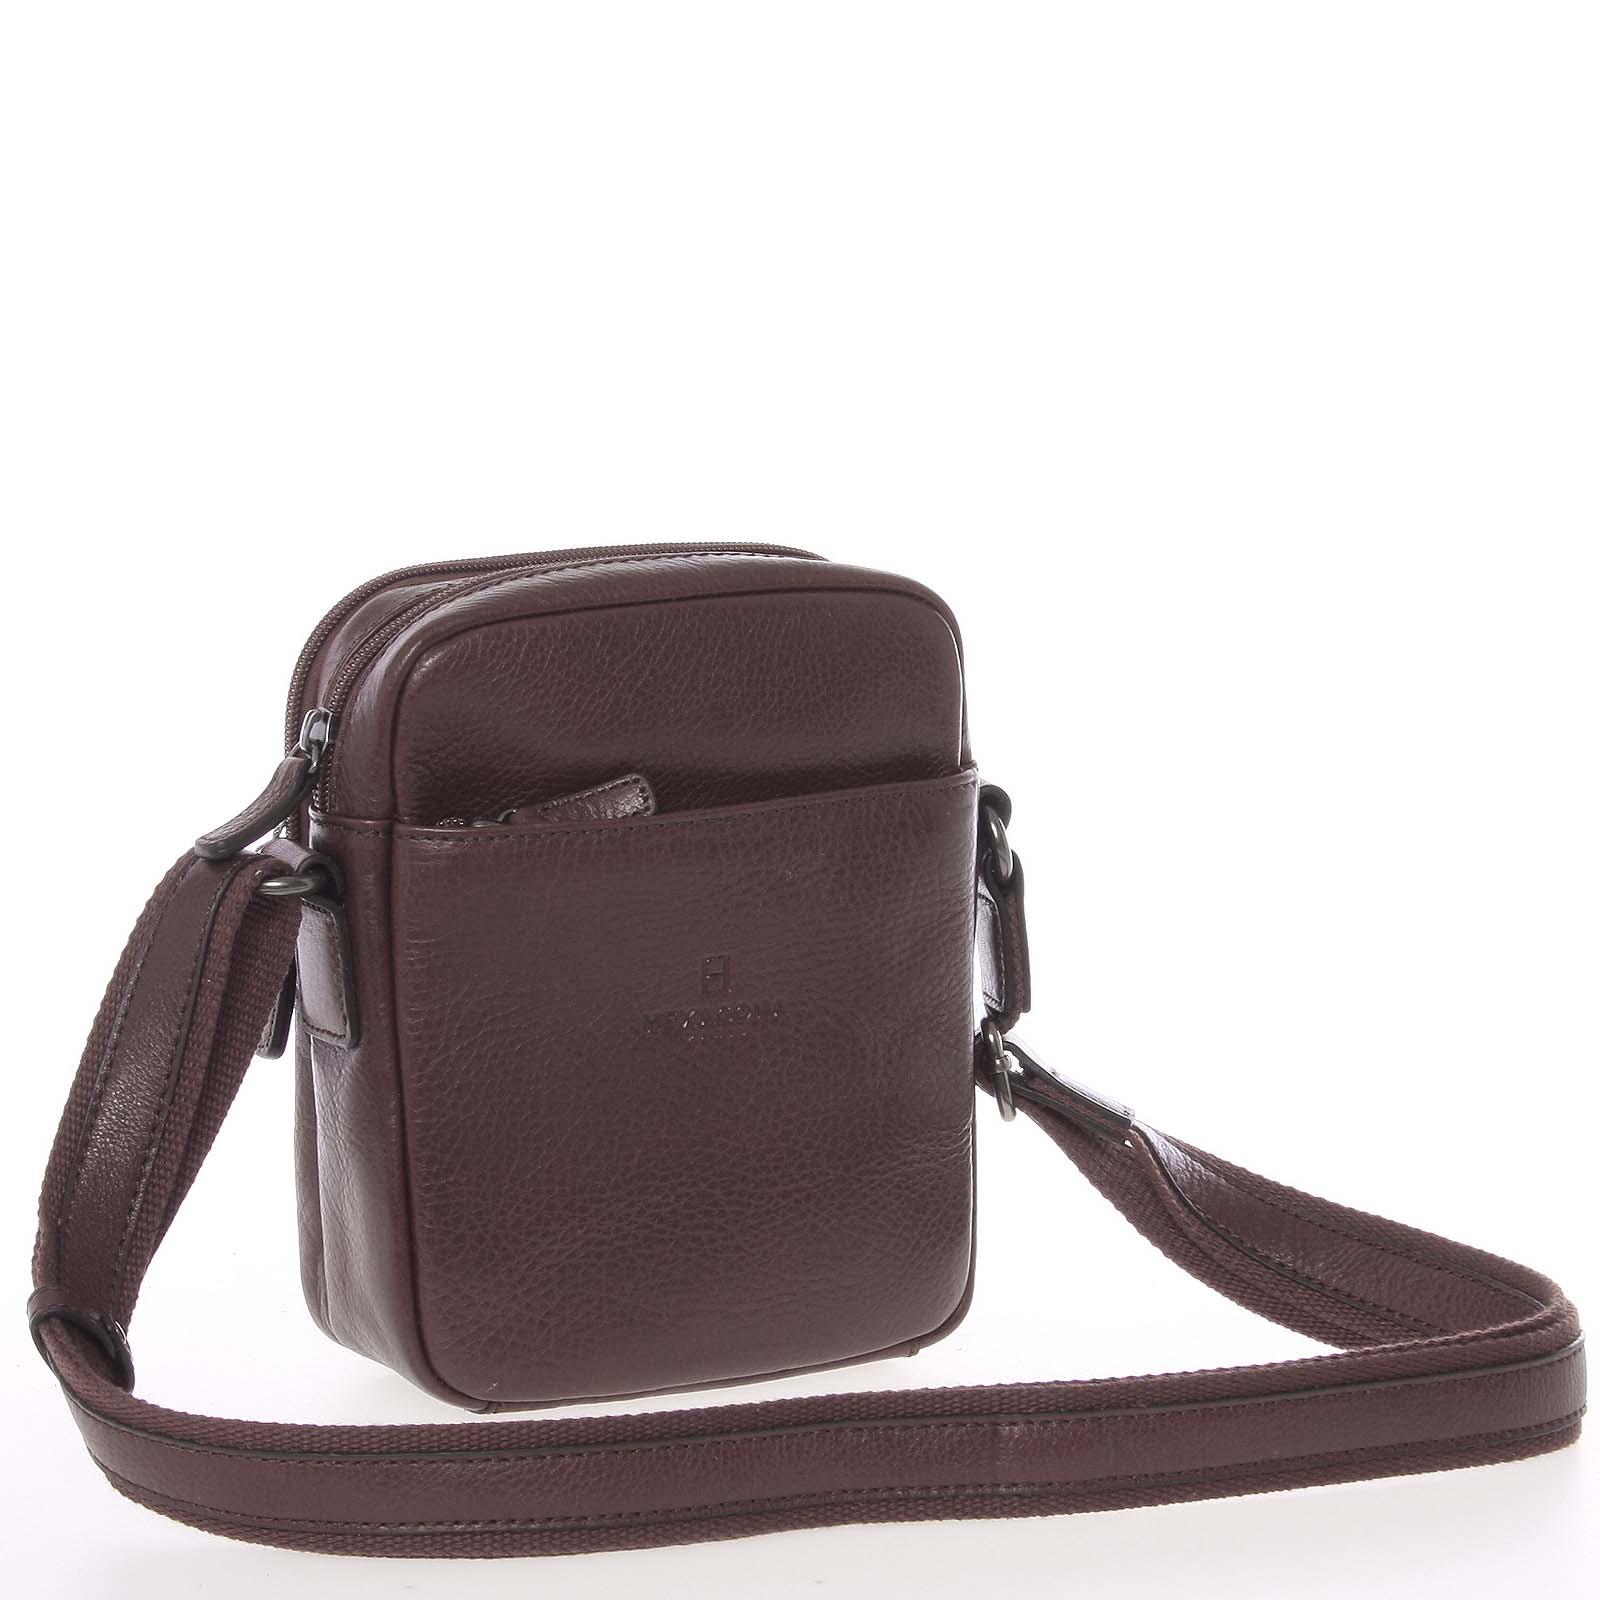 Hnedá luxusná kožená taška na doklady Hexagona 123477